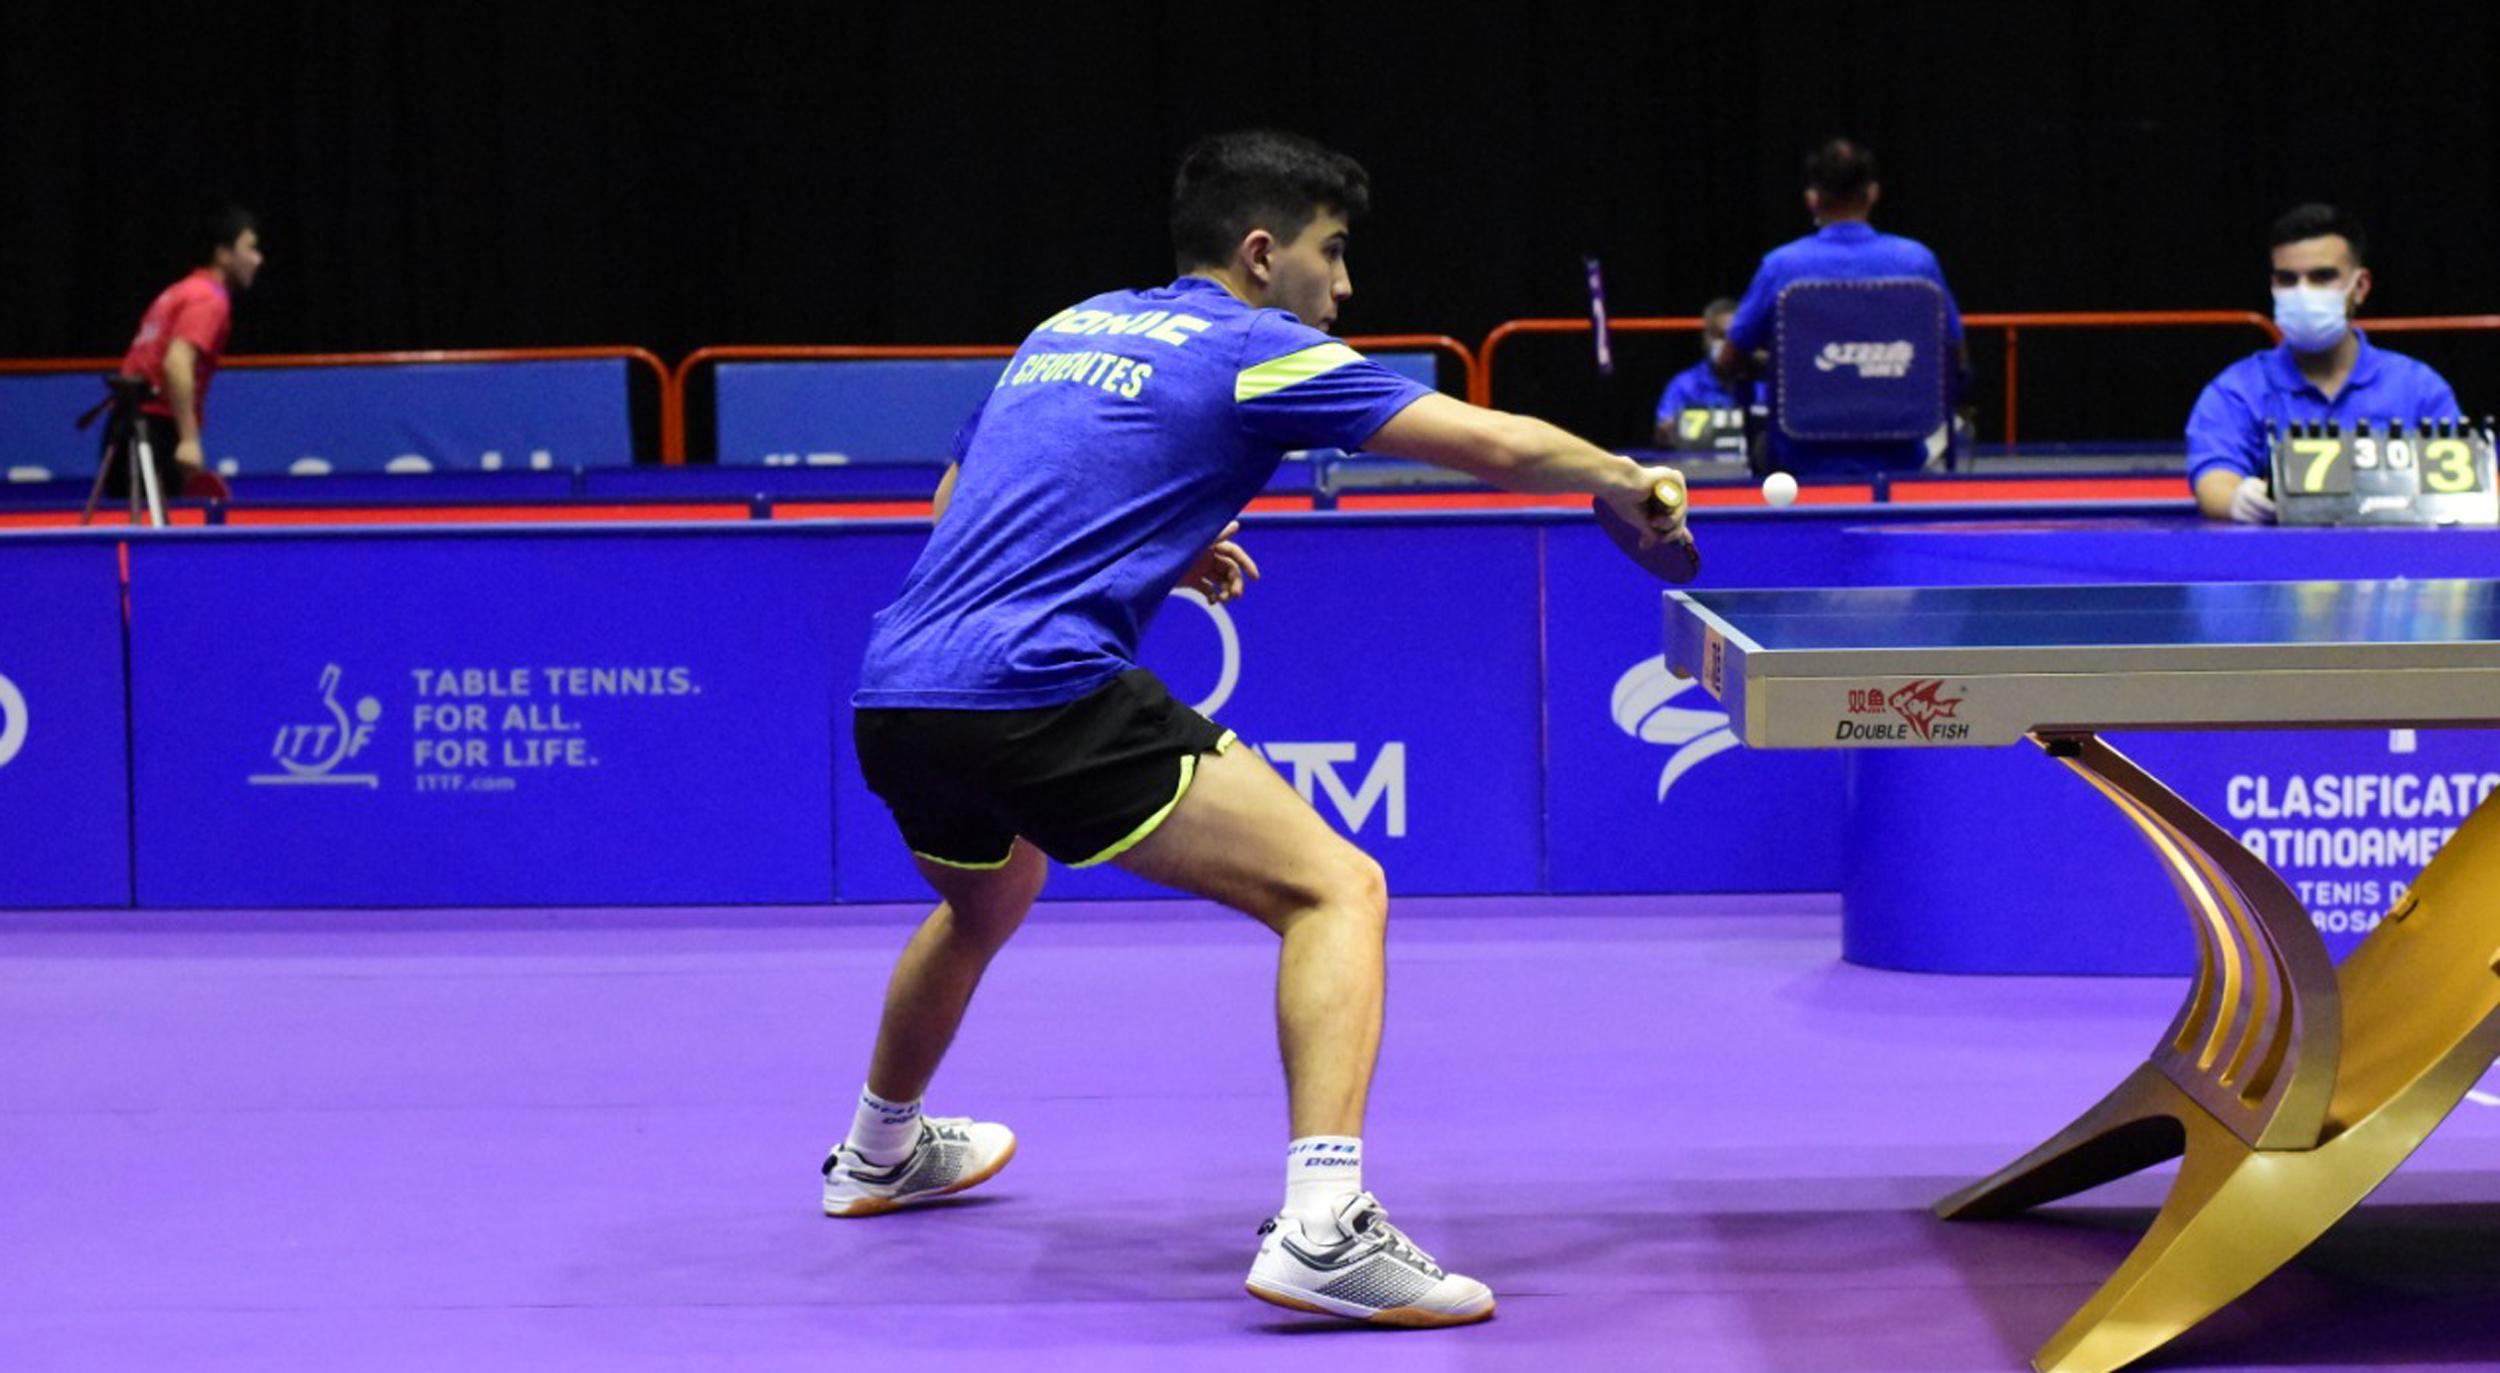 tenis-de-mesa:-horacio-cifuentes,-otro-argentino-clasificado-a-los-juegos-olimpicos-de-tokio-2020